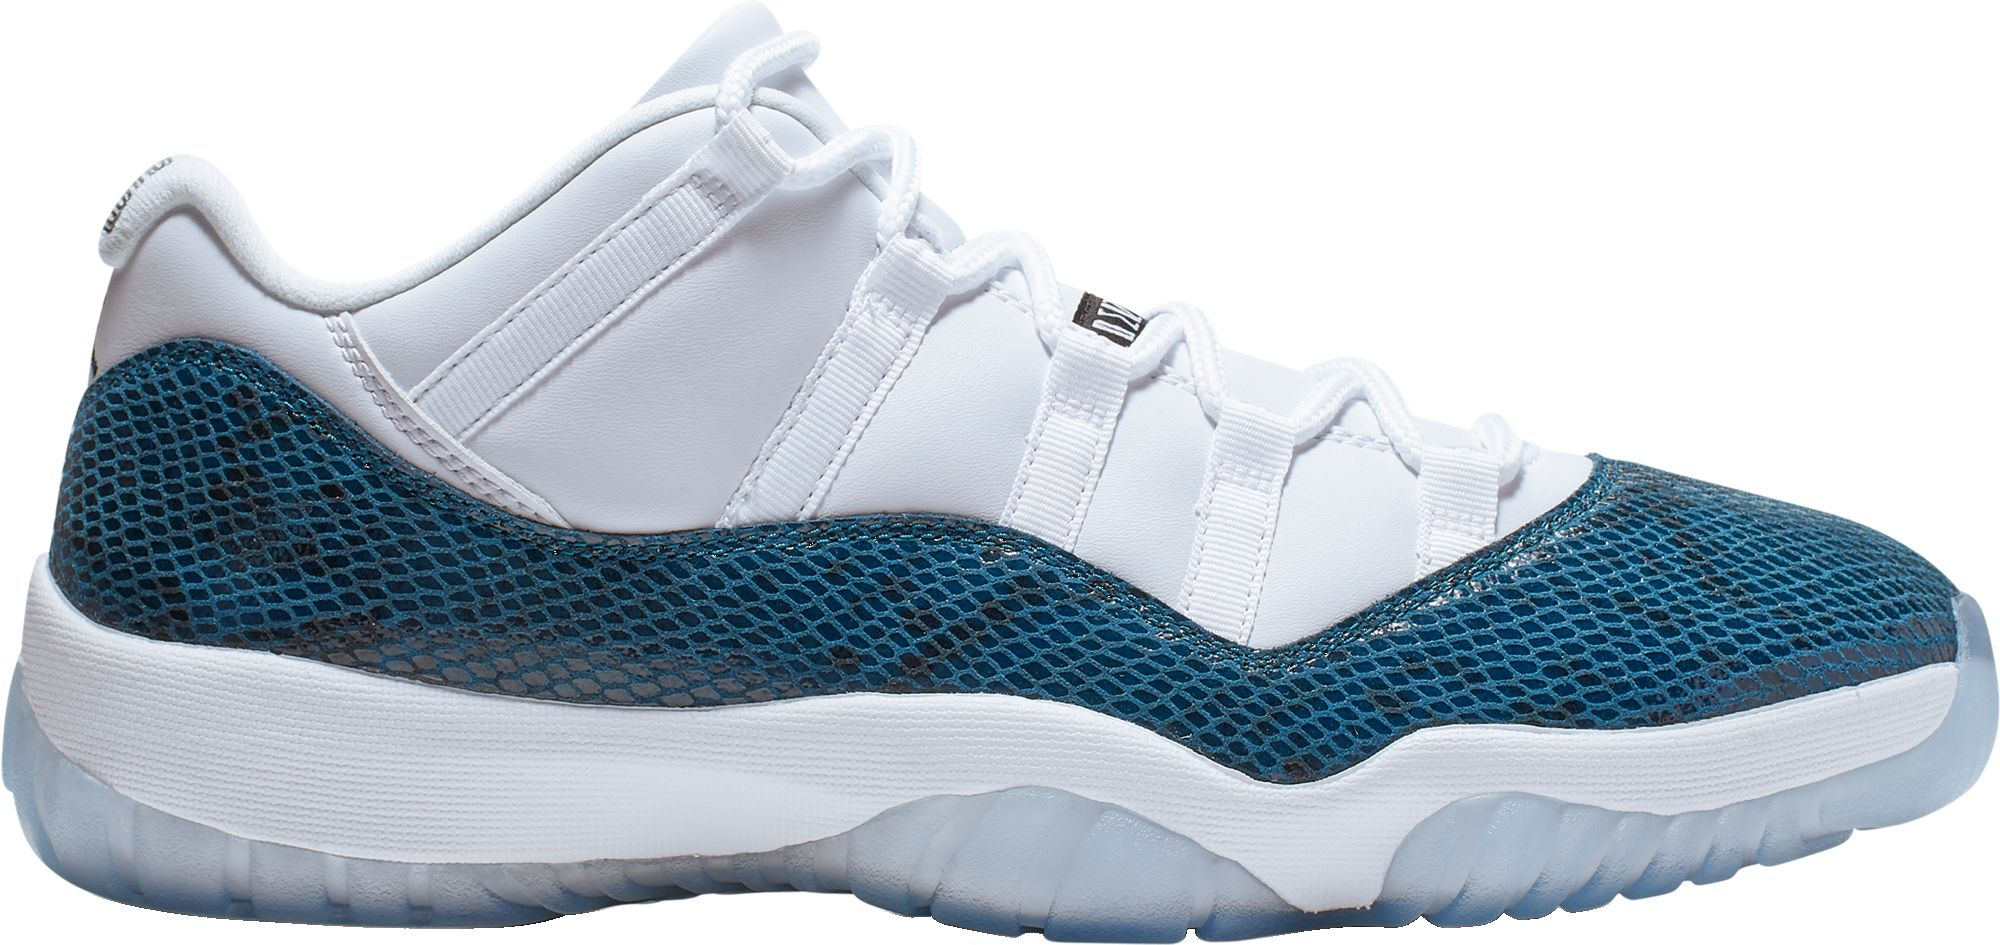 retro jordan shoe